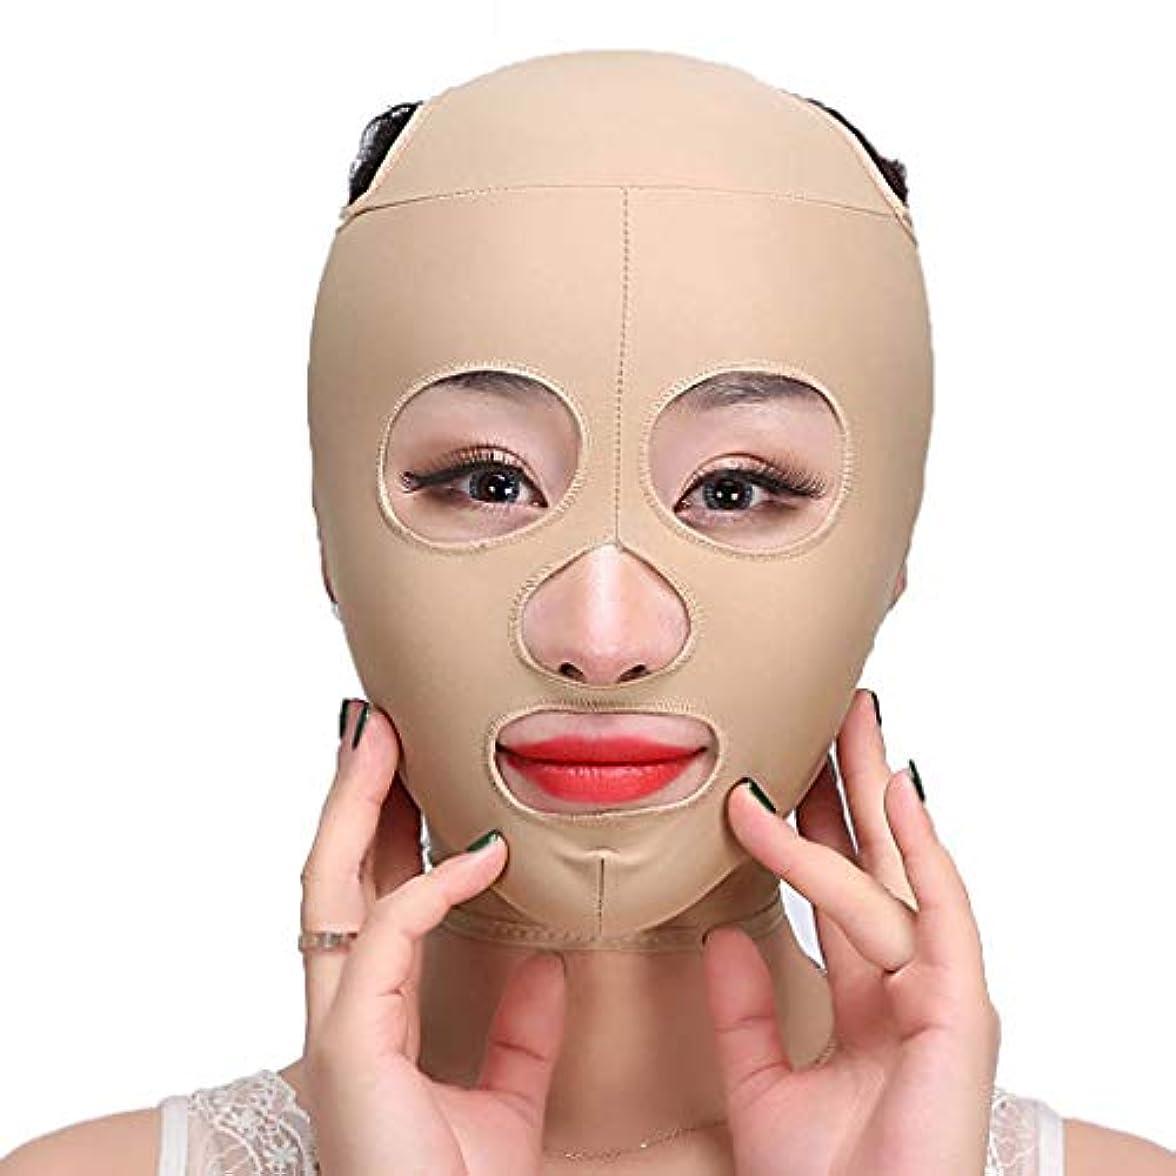 雹事前一定XHLMRMJ 痩身ベルト、フェイスマスク薄いフェイス楽器リフティング引き締めVフェイス男性と女性フェイスリフティングステッカーダブルチンフェイスリフティングフェイスマスク包帯フェイシャルマッサージ (Size : L)